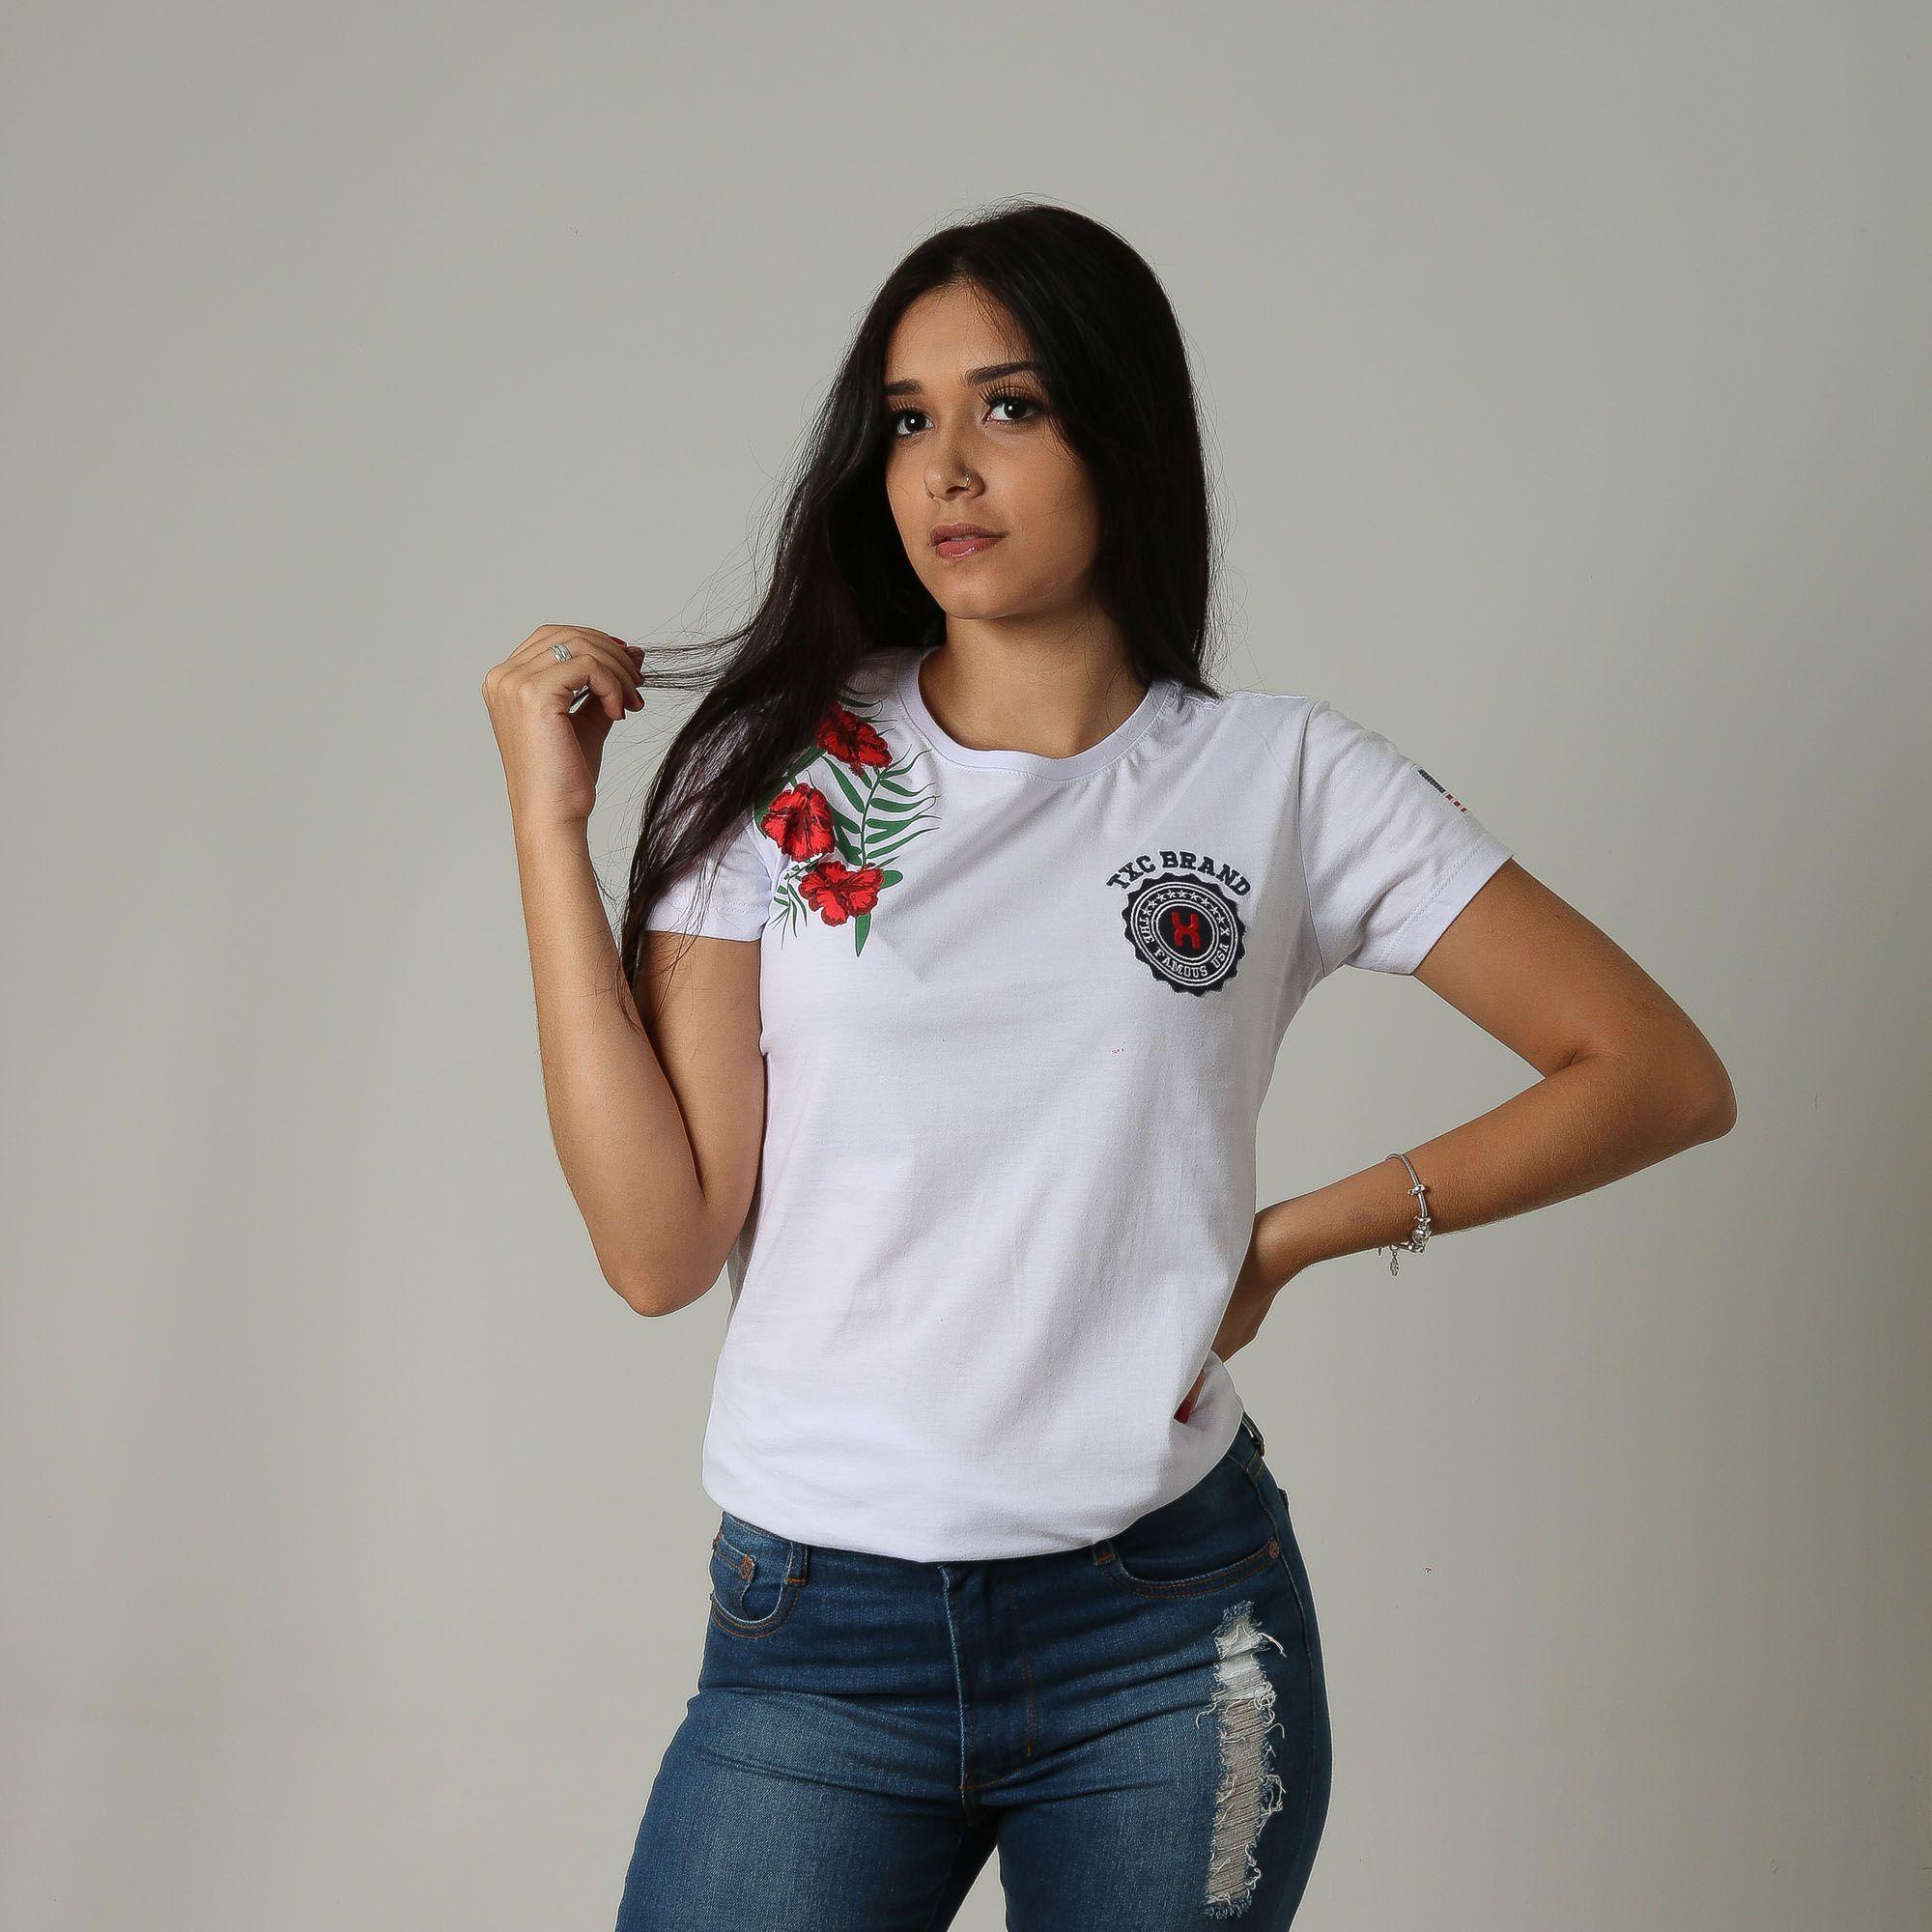 Camiseta Feminina TXC 4240